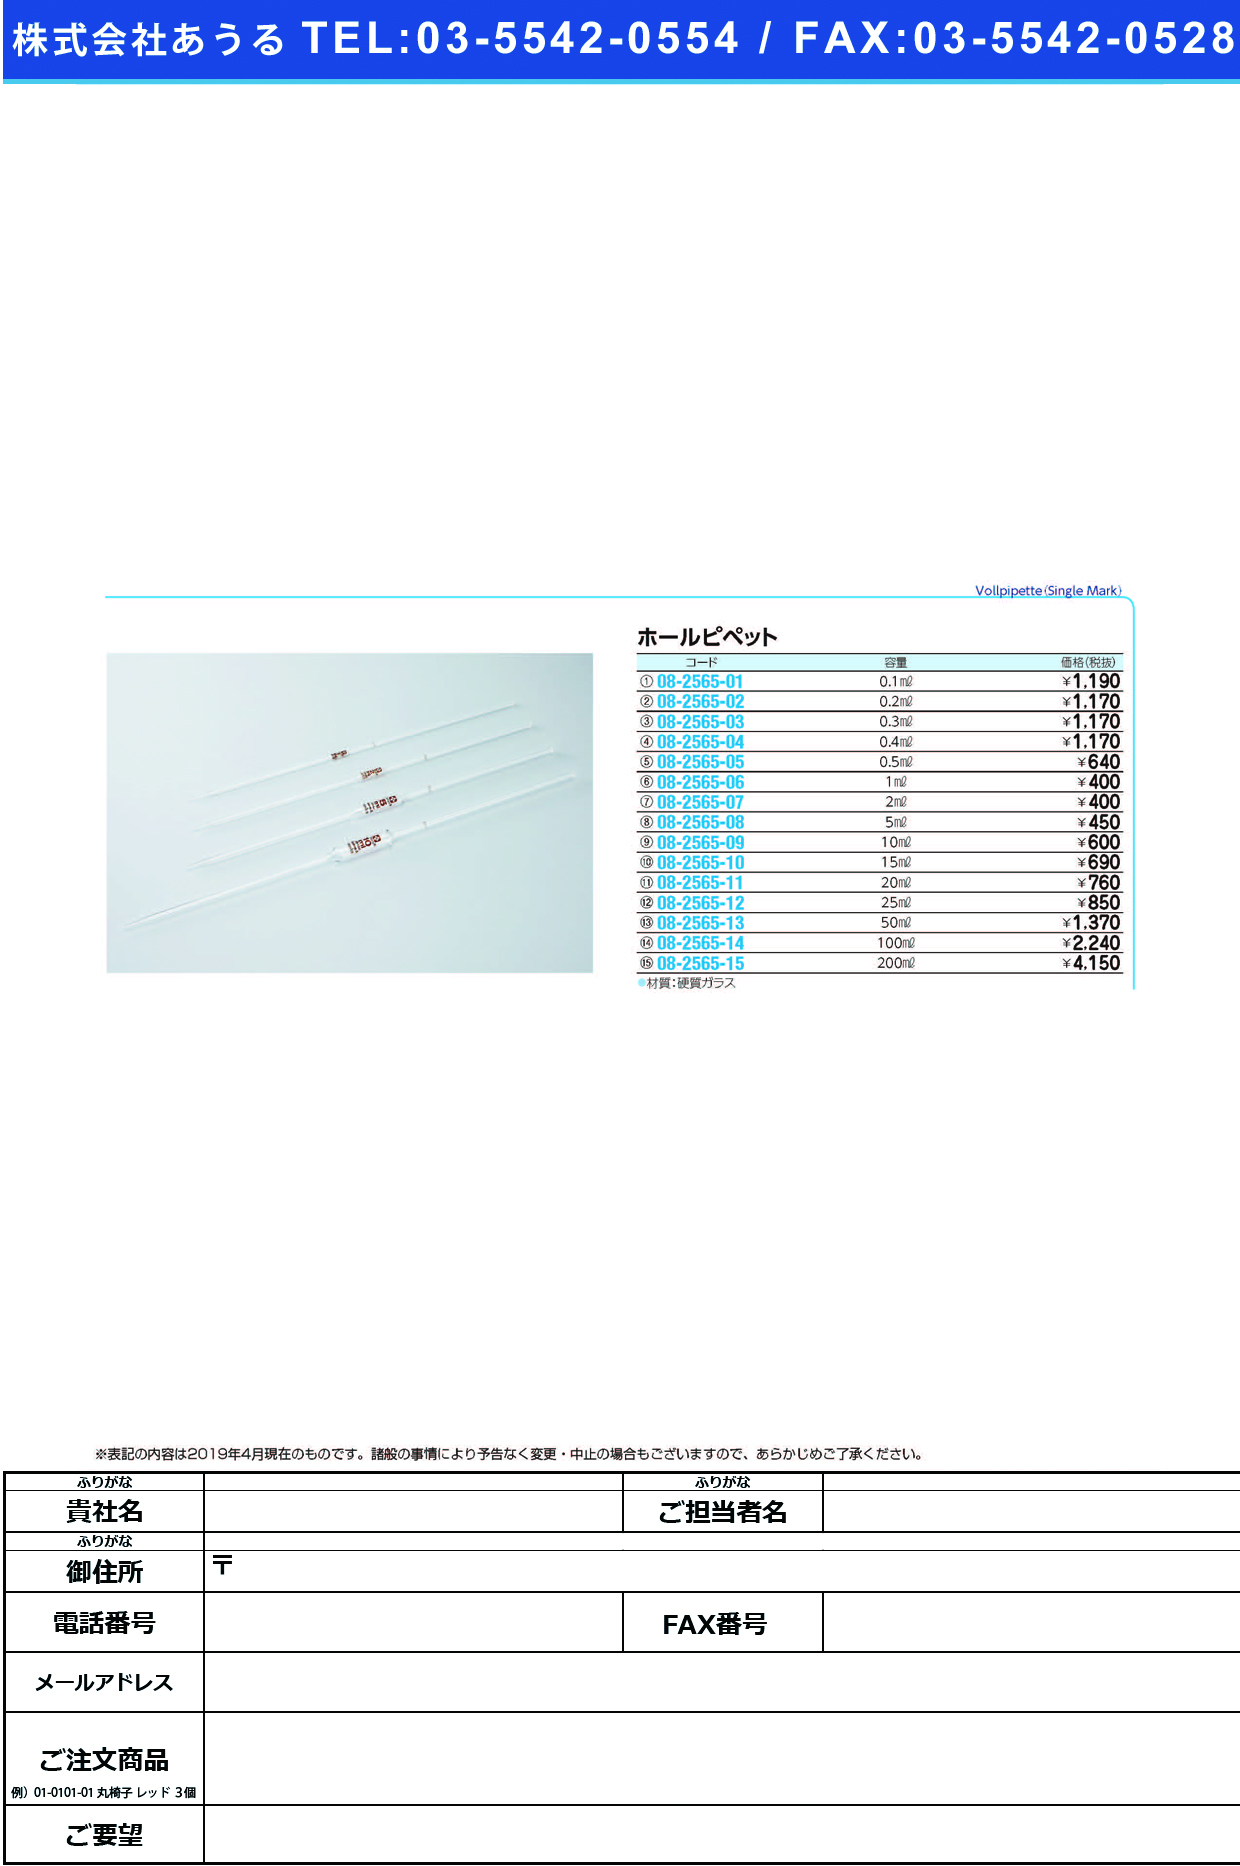 (08-2565-09)ホールピペット 10ML ホールピペット【1本単位】【2019年カタログ商品】